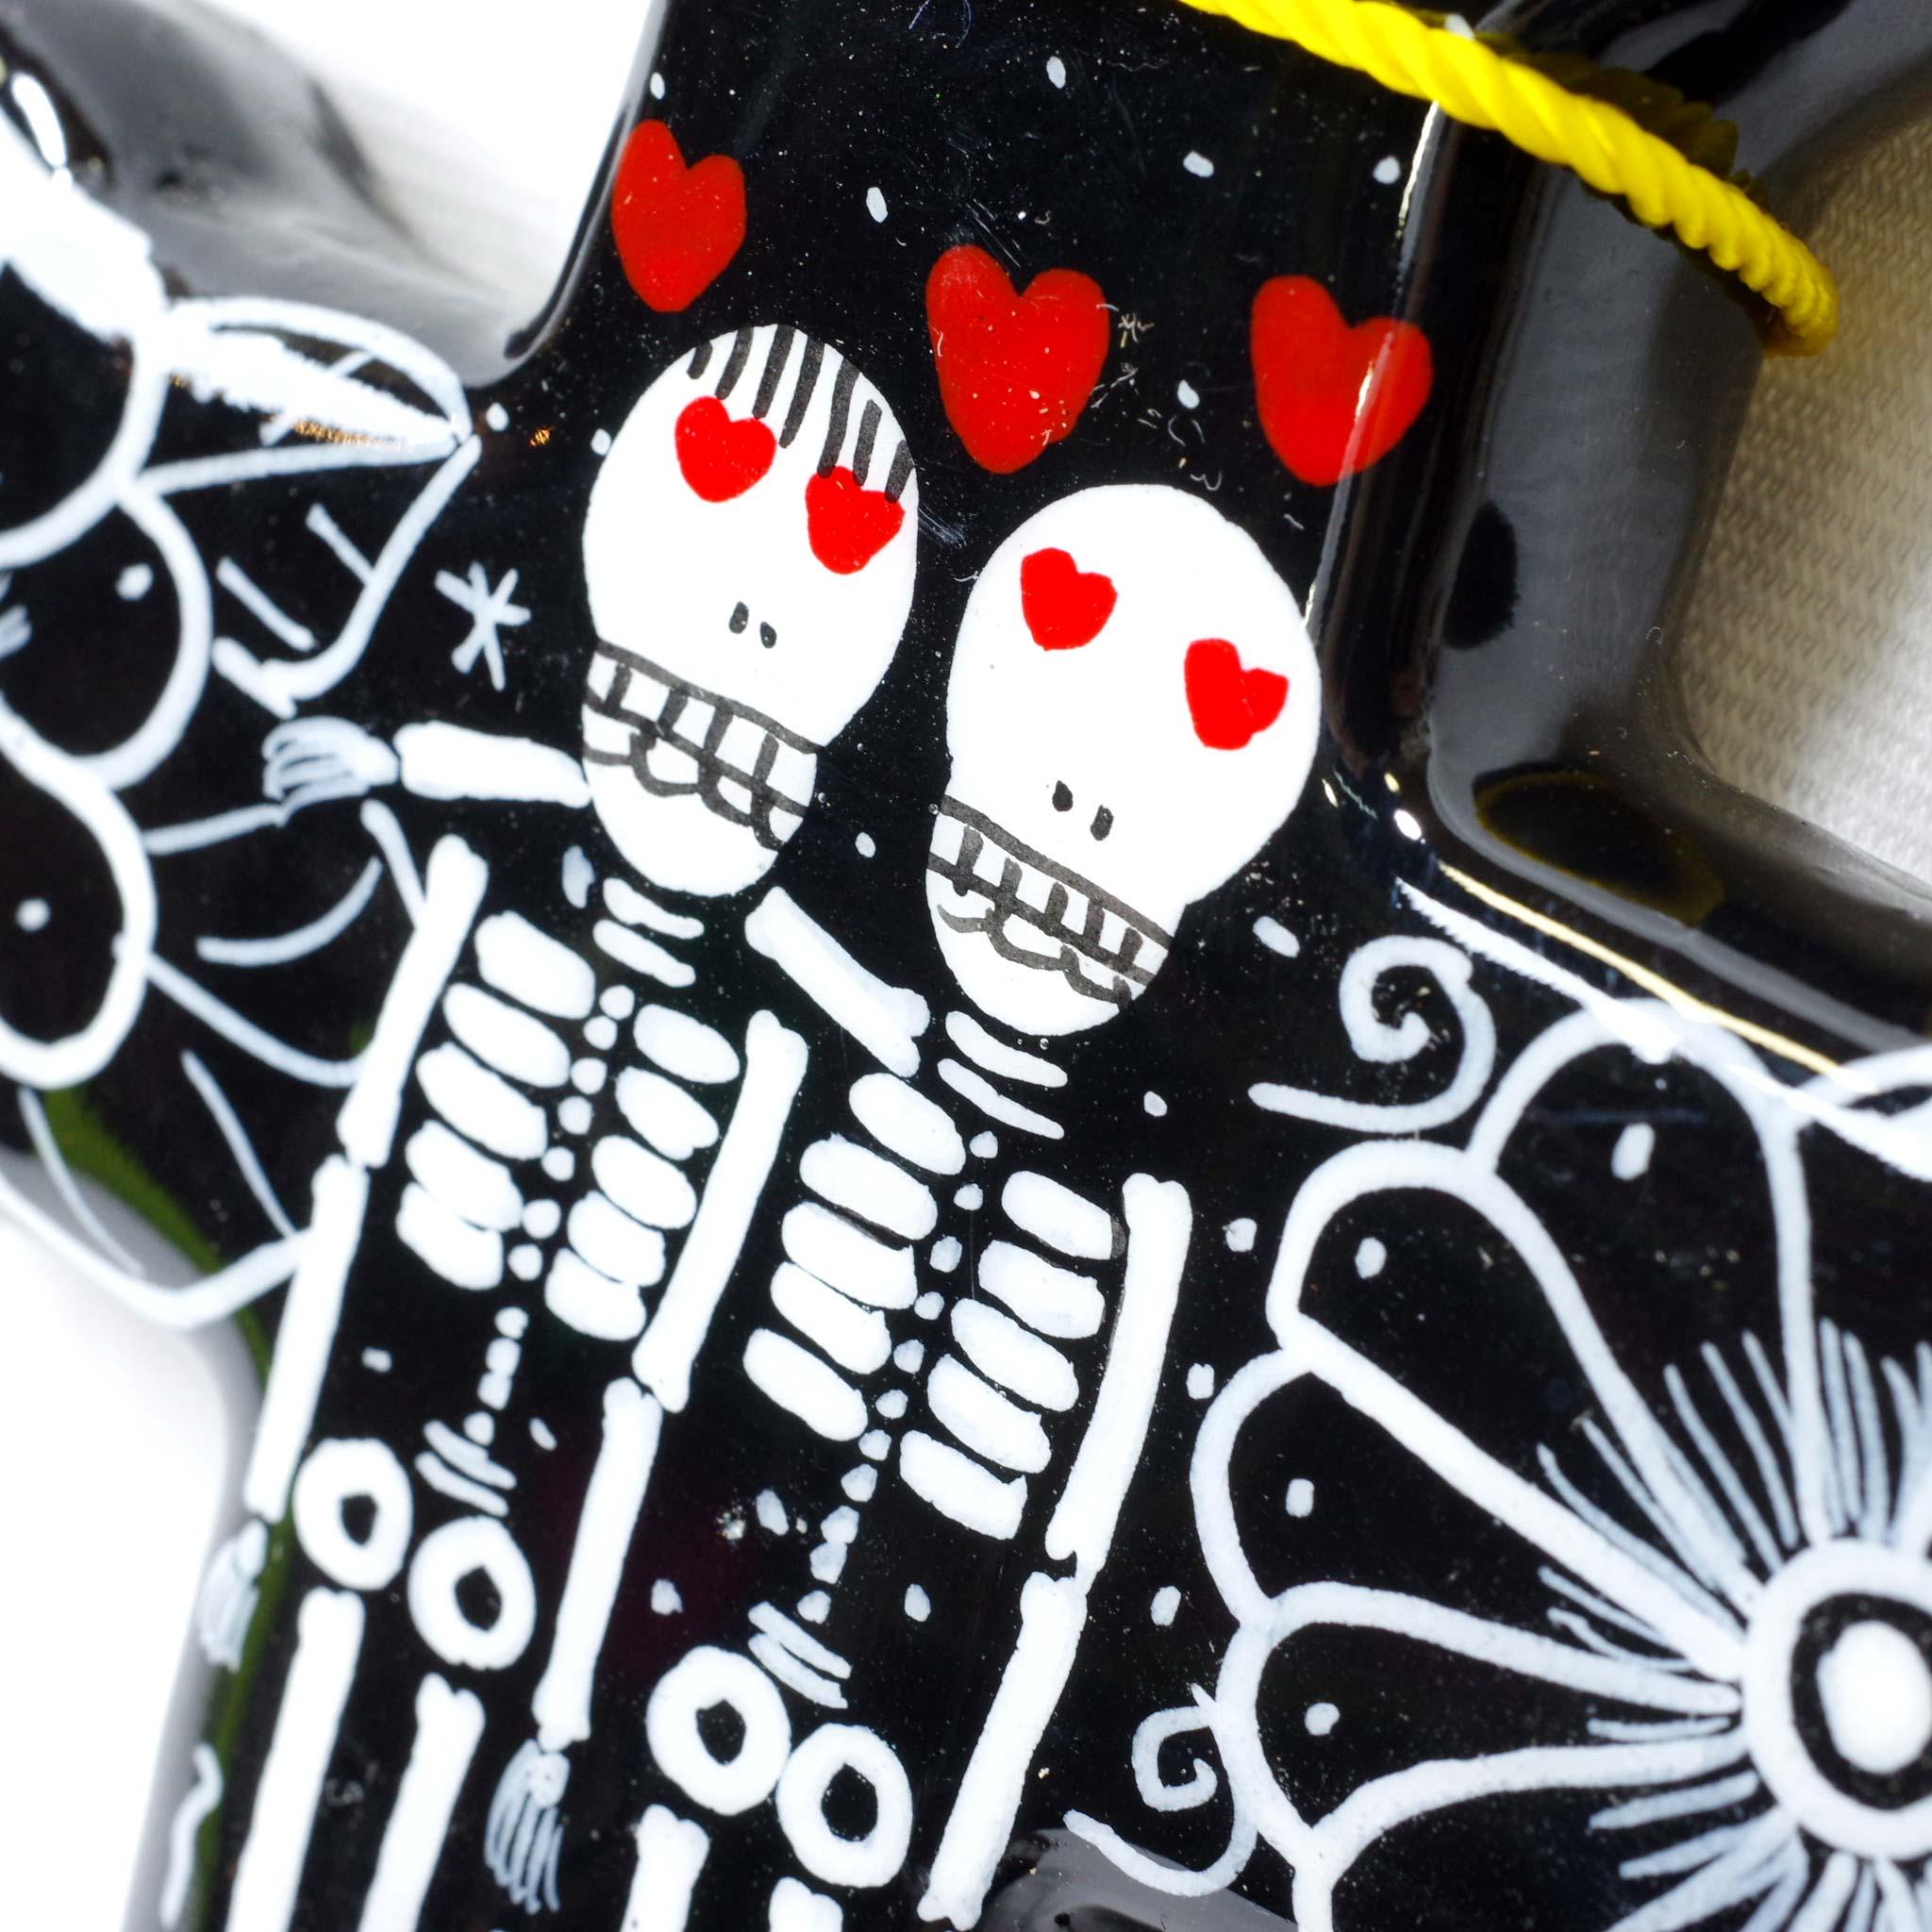 """""""ネグロカラベラシリーズ,クロス,十字架,ガイコツ,骸骨,カラベラ,スカル,ドクロ,髑髏,死者の日,壁掛け,飾り,メキシコ,インテリア雑貨,壁飾り,メキシコ雑貨,メキシコ雑貨PAD"""""""